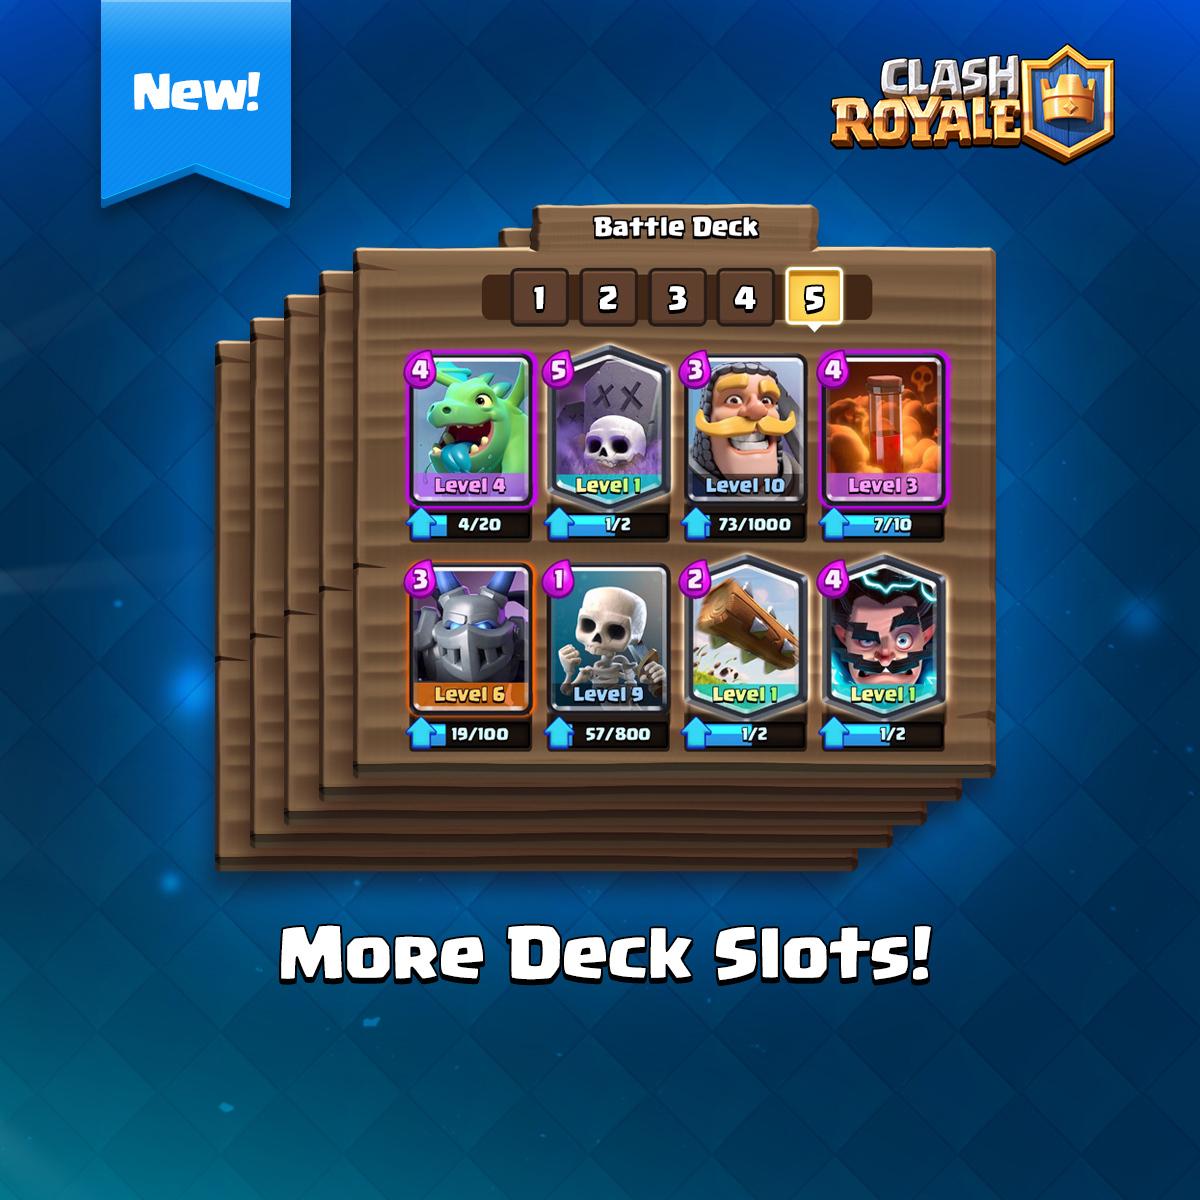 SNEAK PEEK #1 – More Deck Slots!